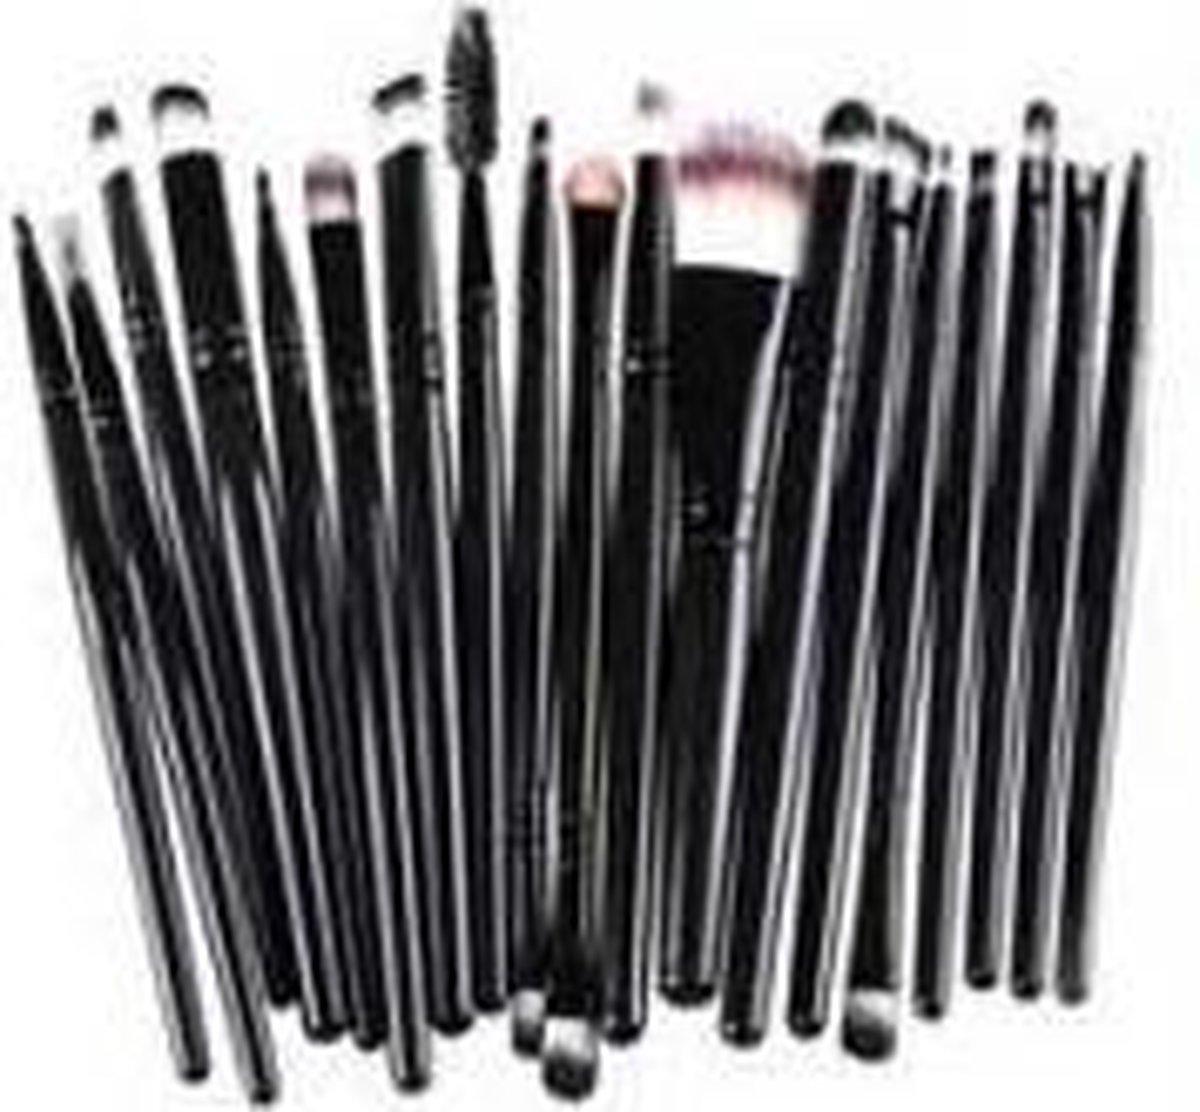 Cosmetica Eyeliner  Makeup kwast - 20 stuks nr 312 - TH Commerce